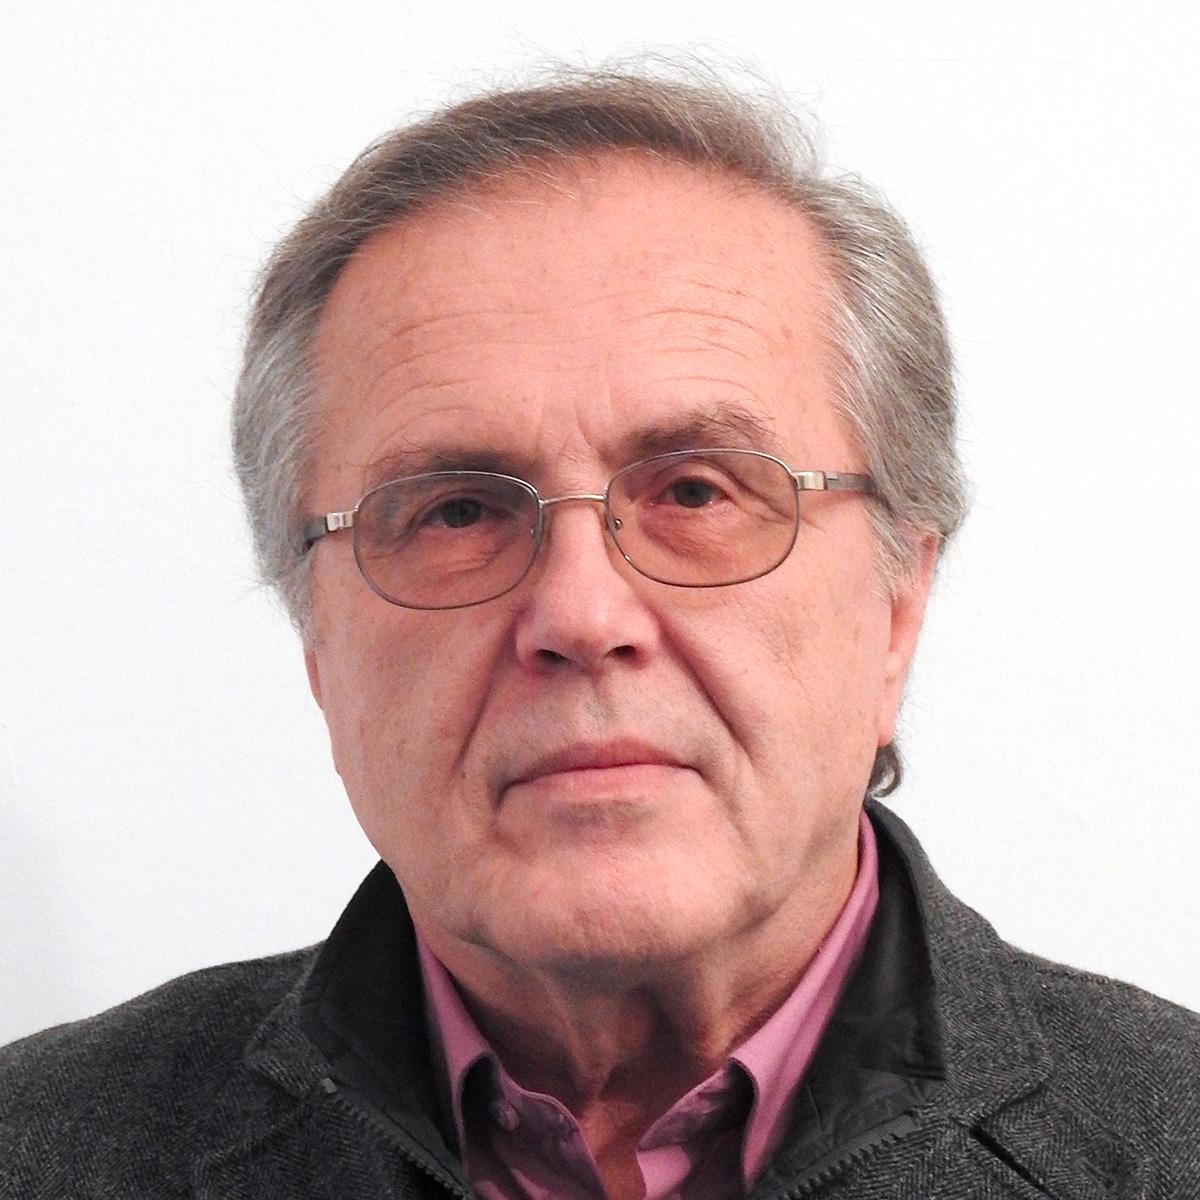 Ivano Serraggiotto